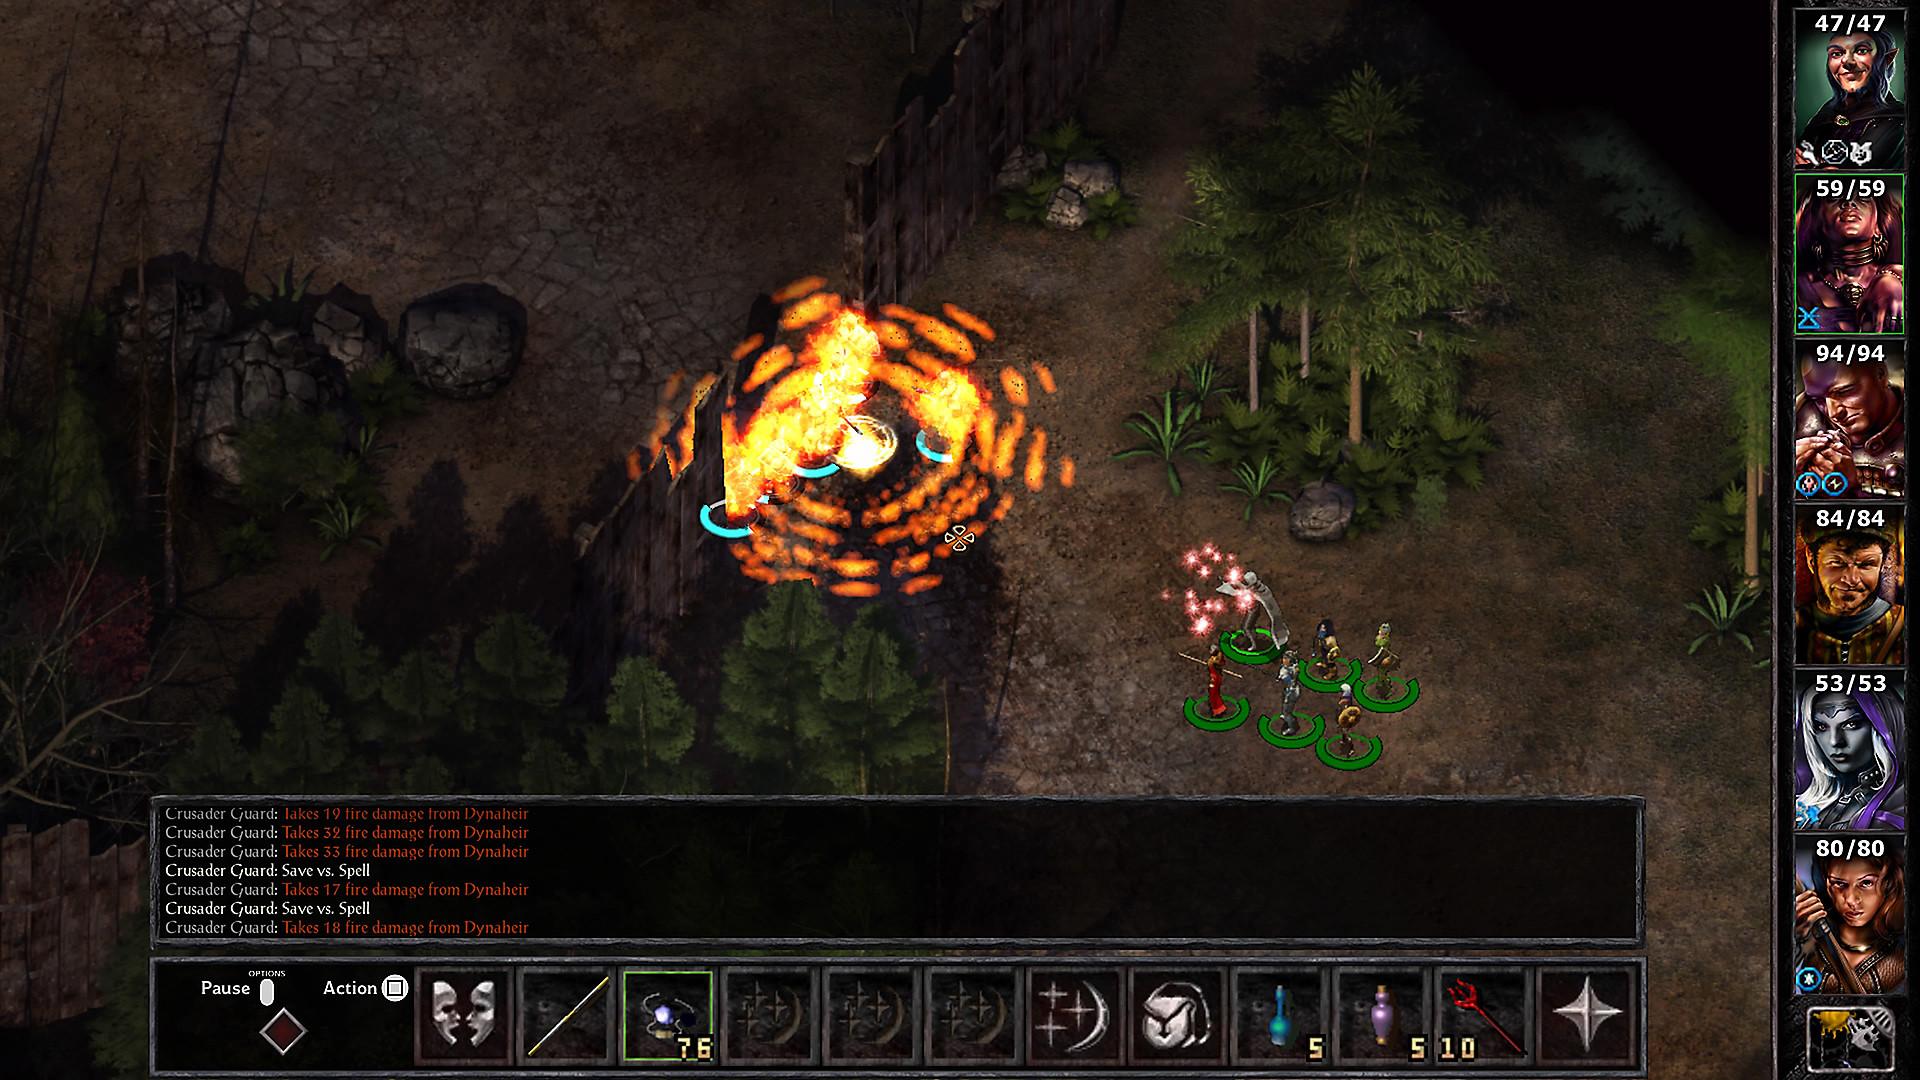 Baldurs Gate And Baldurs Gate Ii Enhanced Editions Game